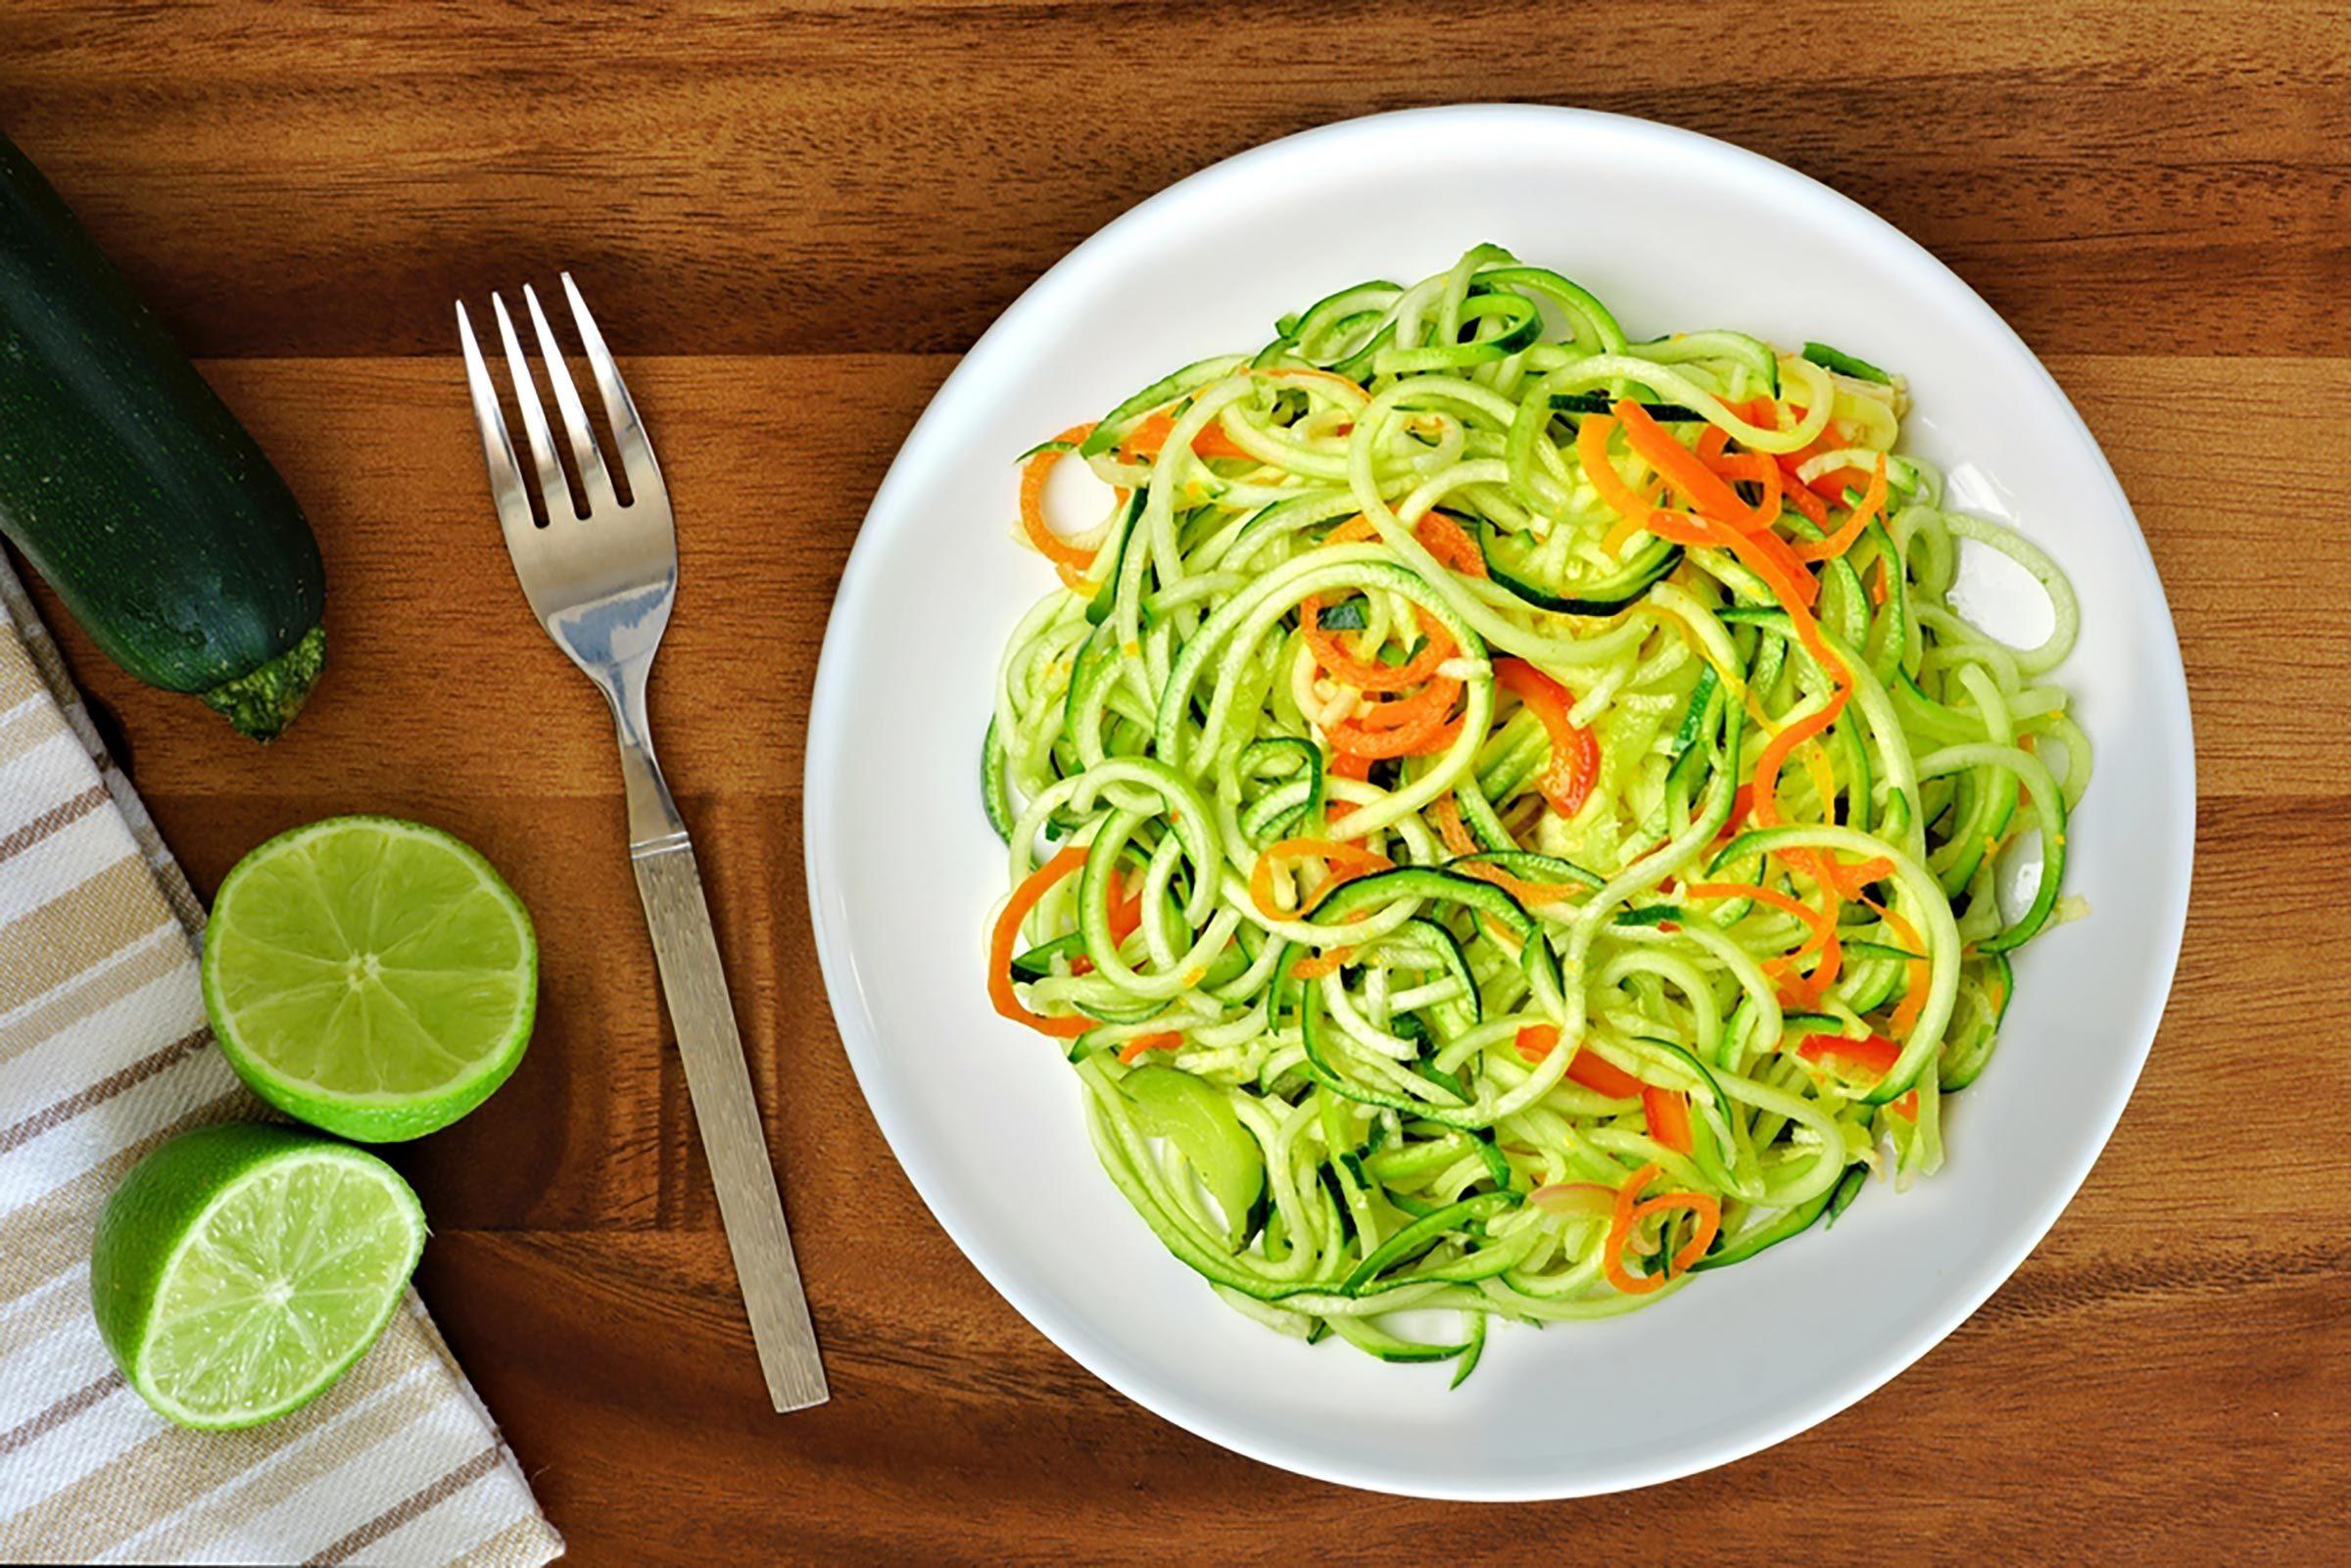 Conseil santé : suivre un régime faible en glucides